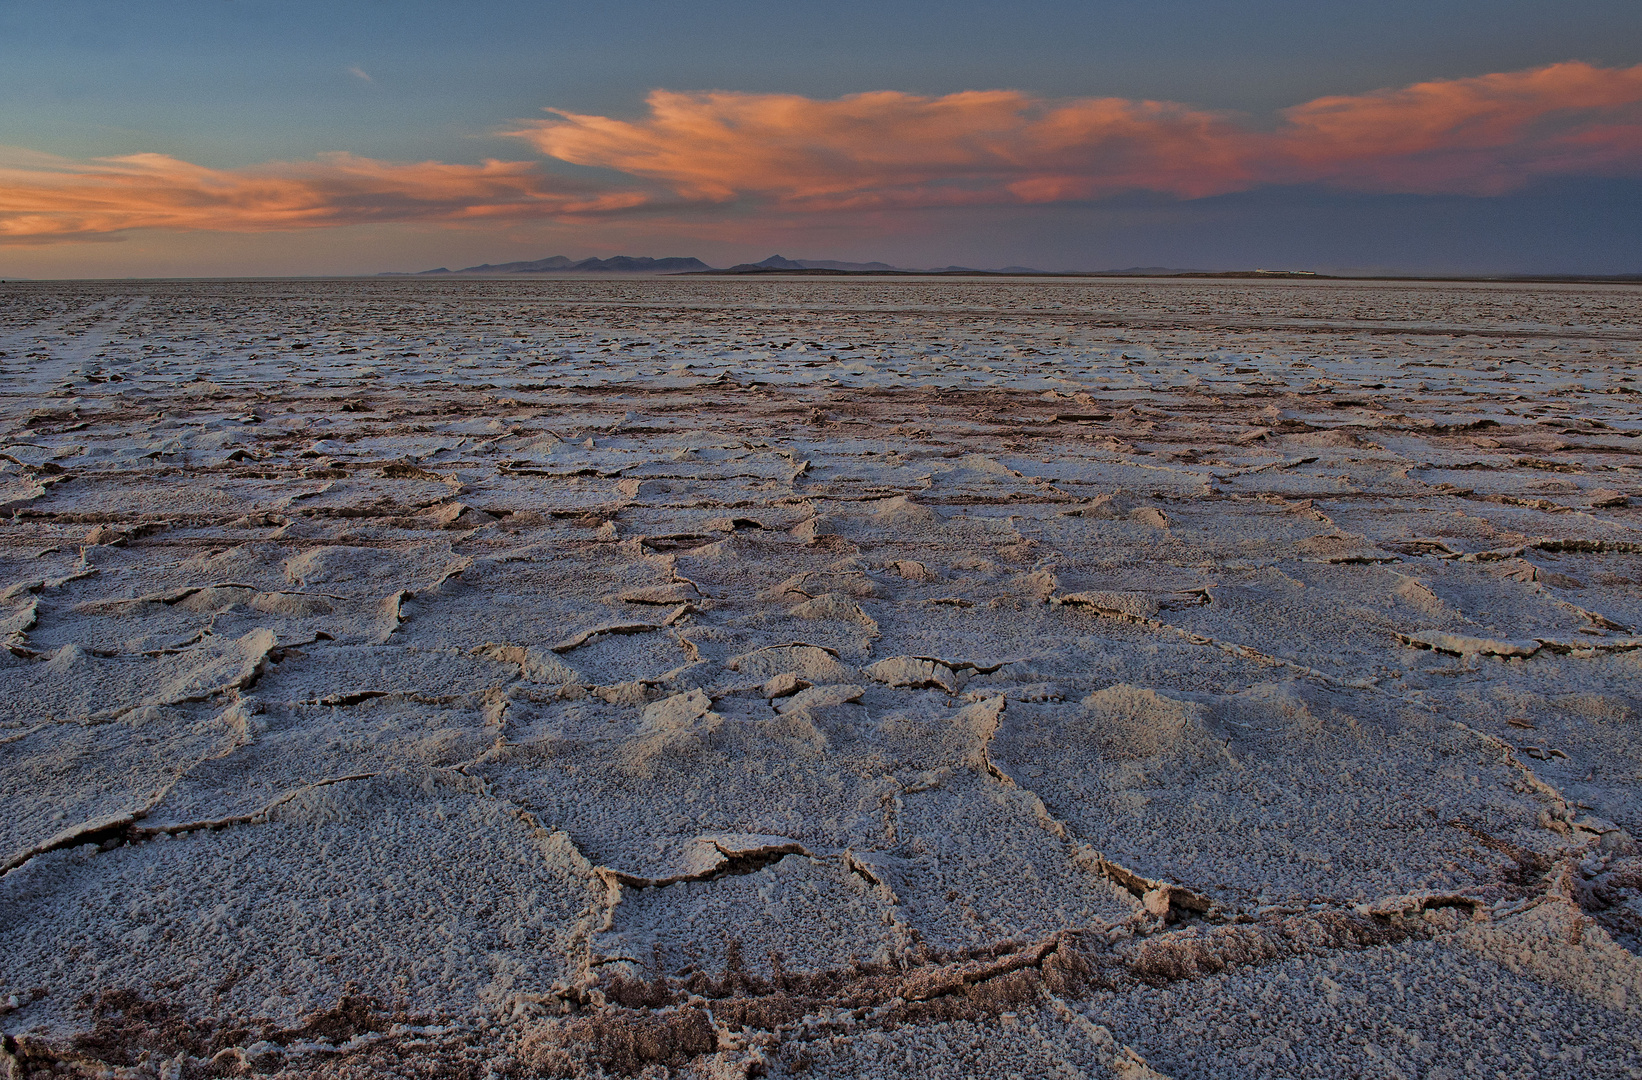 La sal de la Tierra